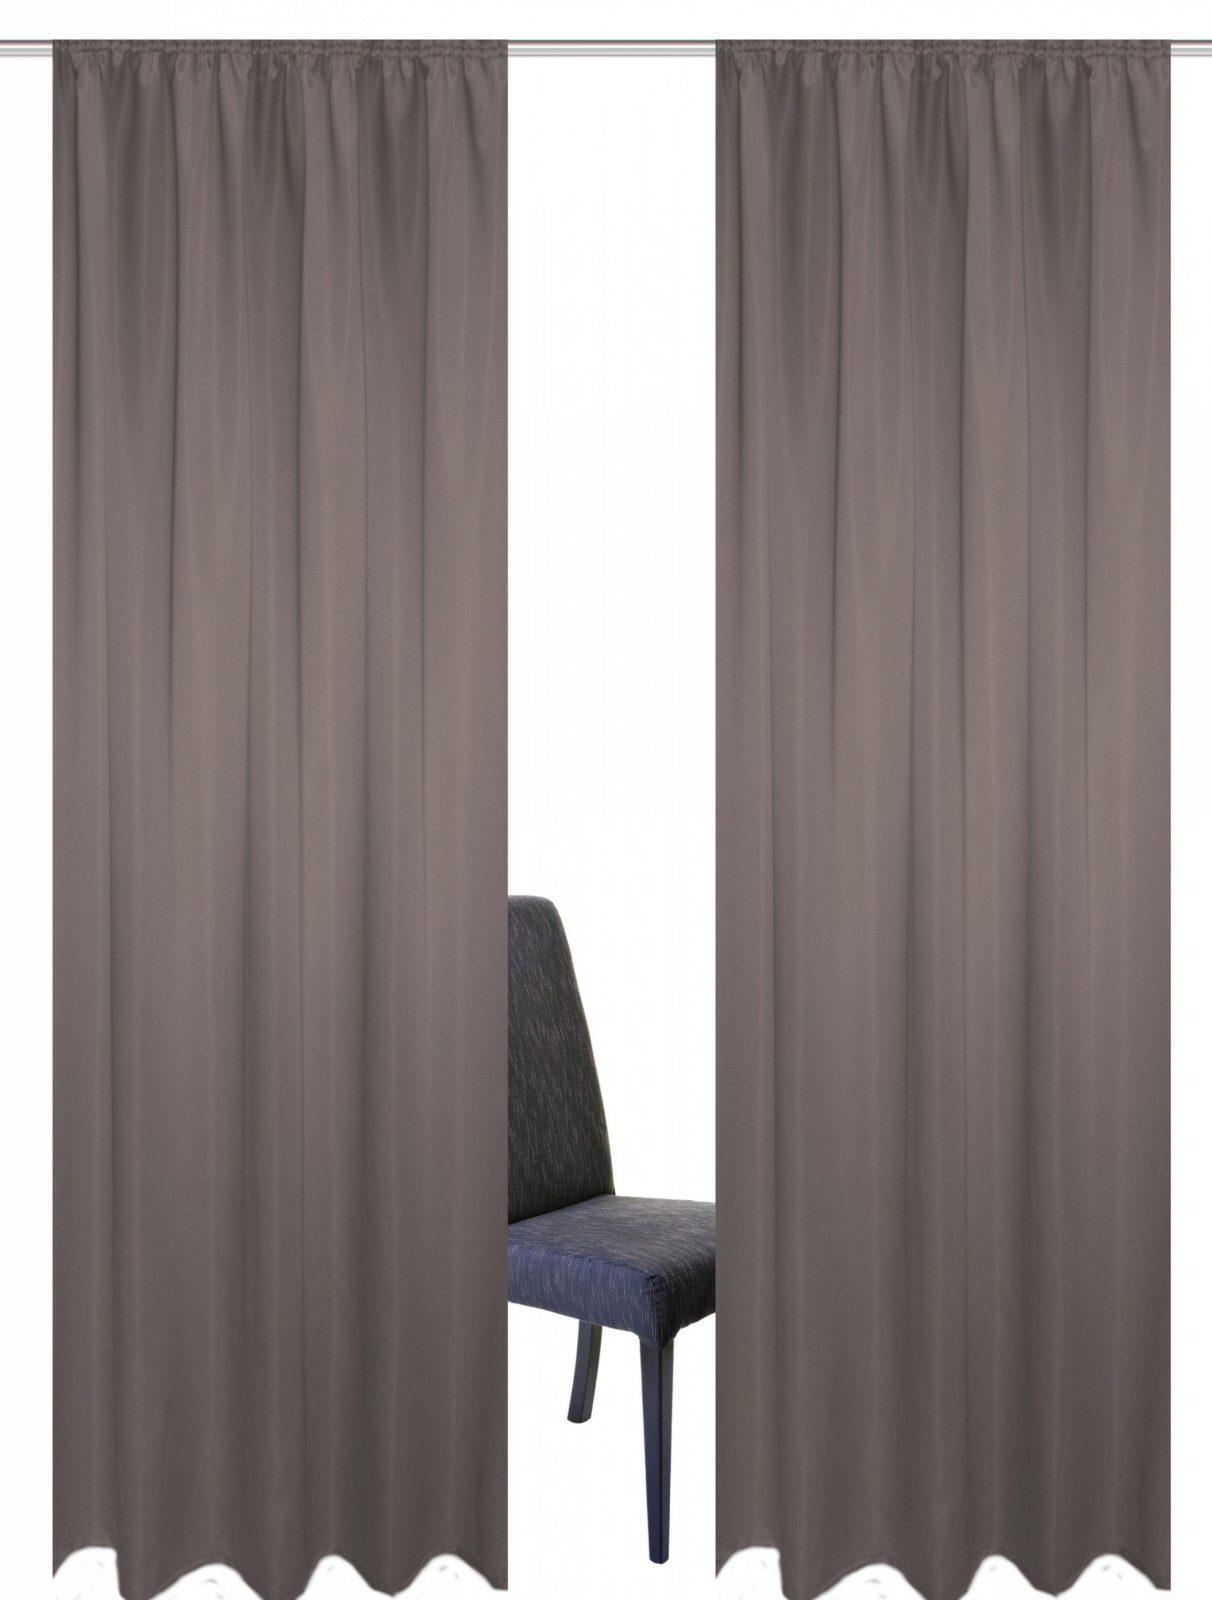 Vorhang Murau Home Wohnideen Kräuselband 2 Stück Auf Raten  Baur von Baur Gardinen Und Vorhänge Photo